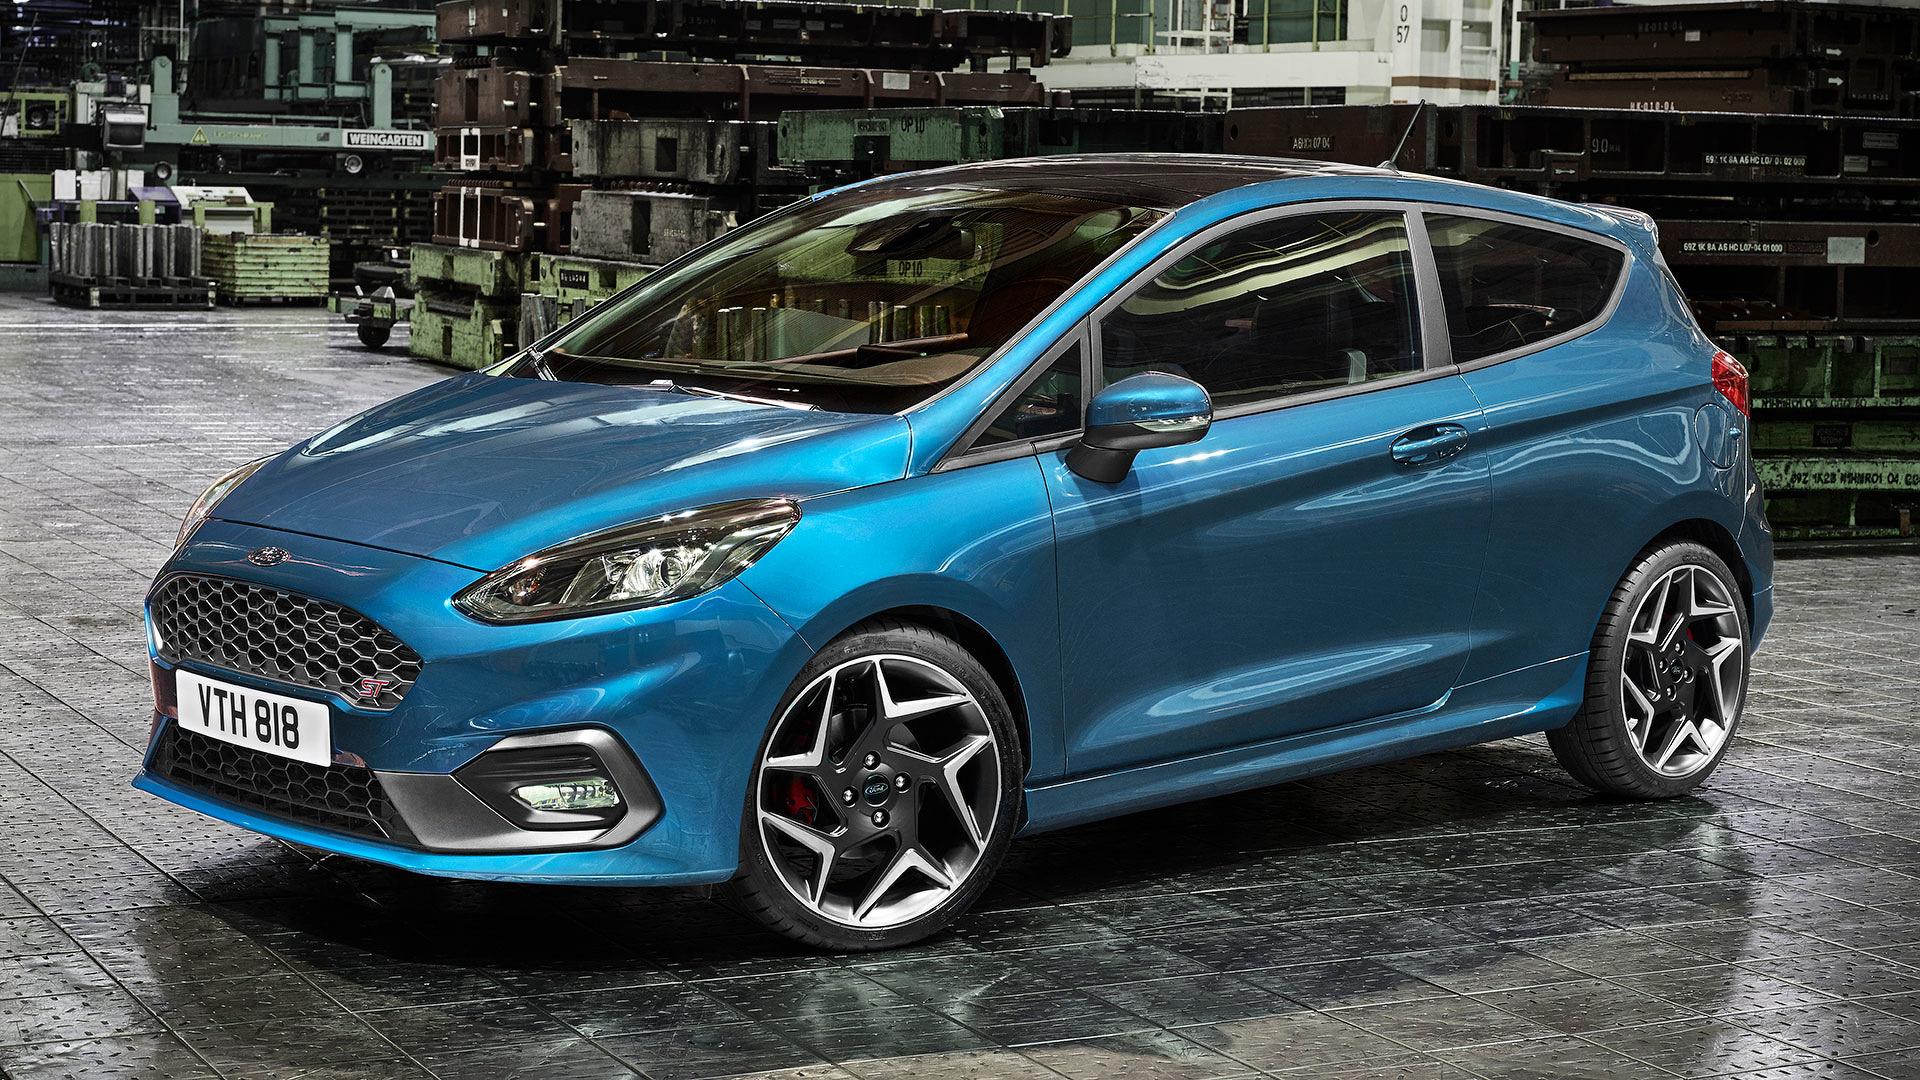 Novo Ford Fiesta ST redefine standards de condução dinâmica no seu segmento